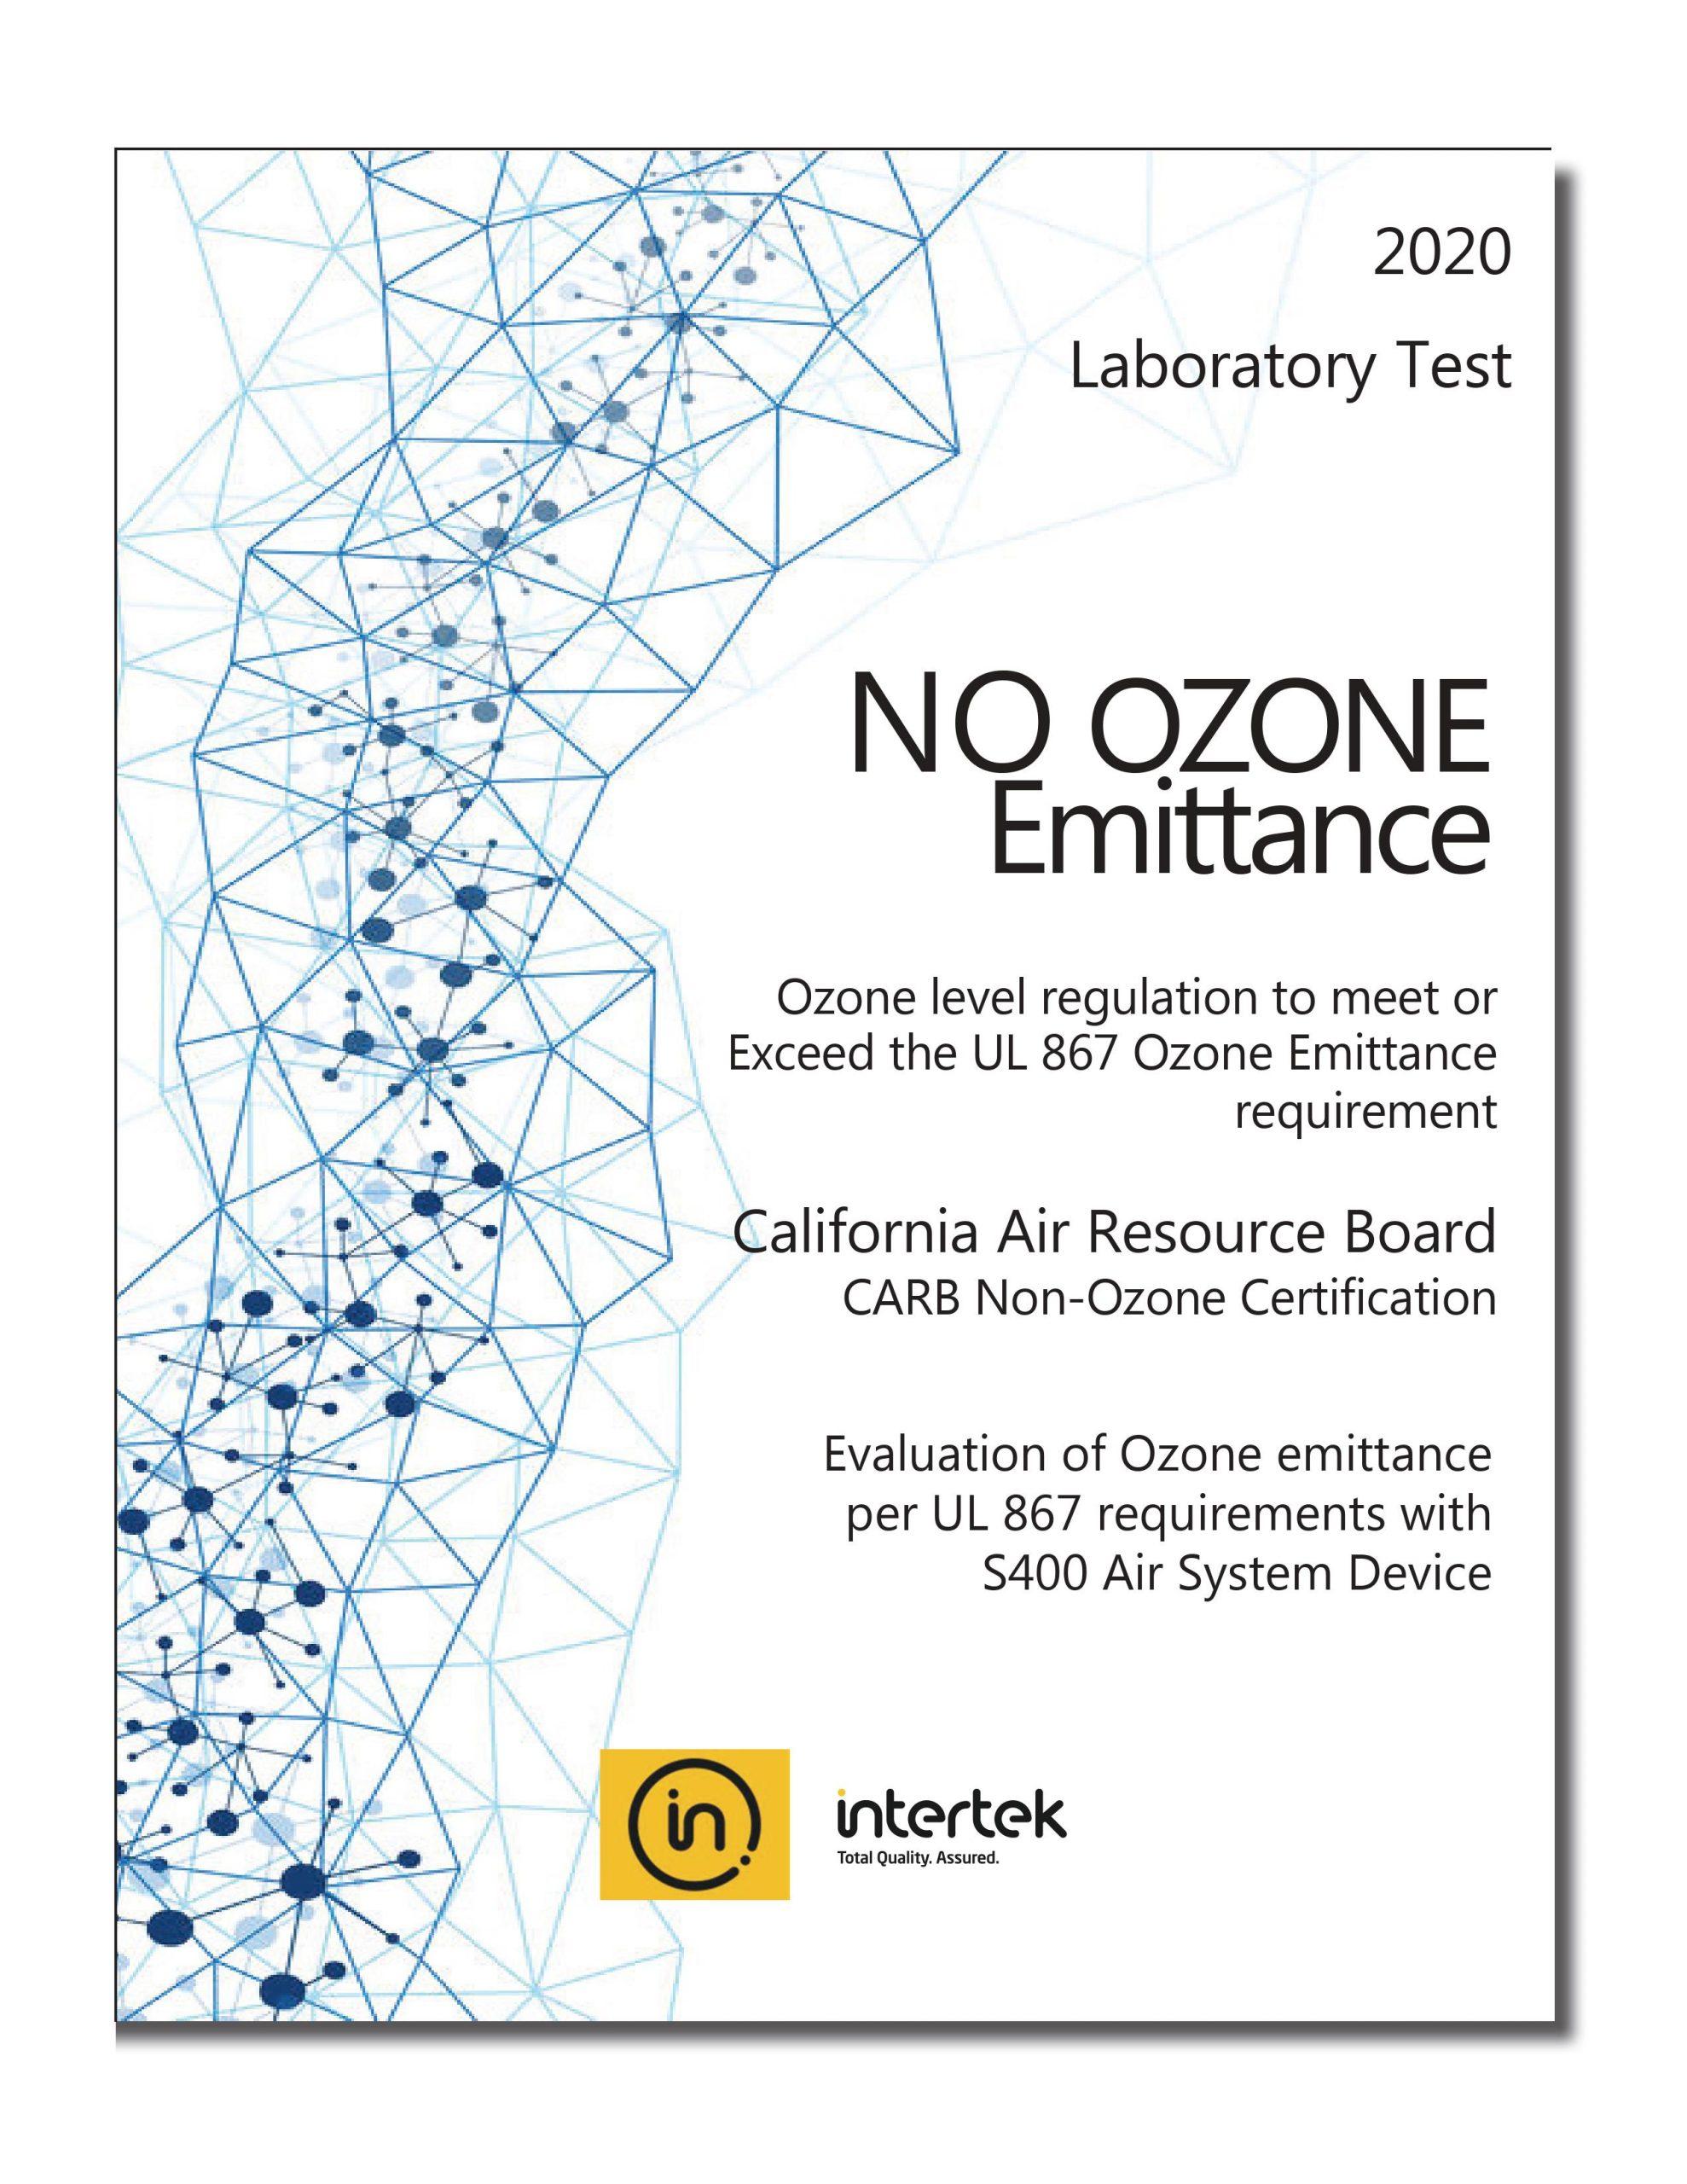 No Ozone Emittance